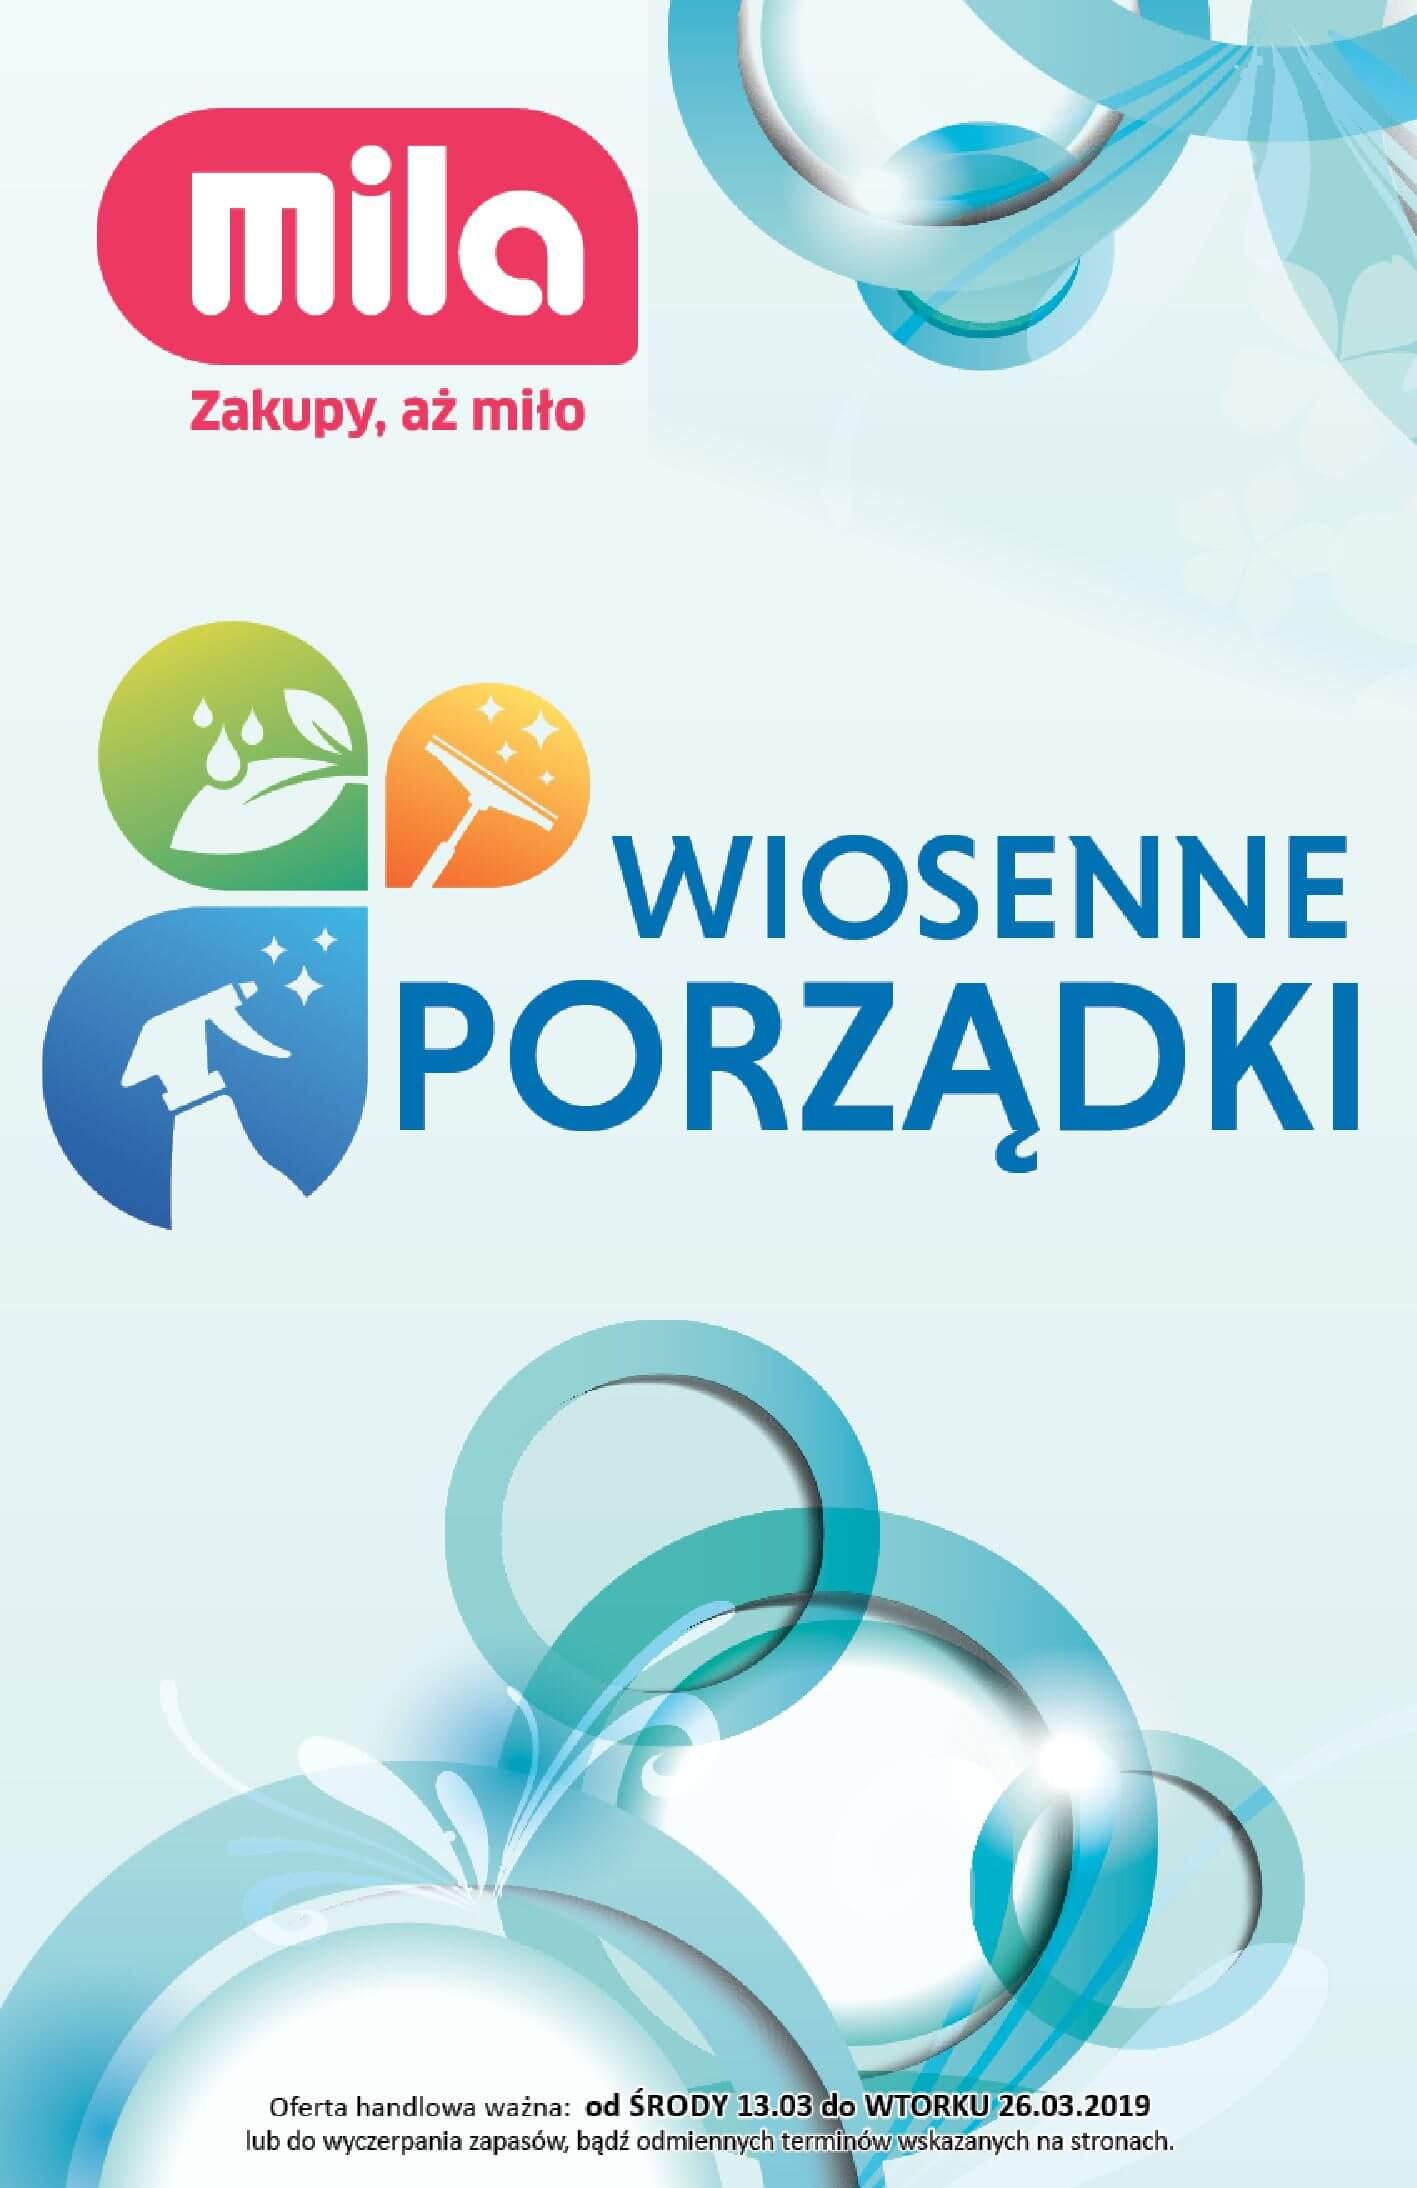 Gazetka Mila - Wiosenne porządki-12.03.2019-26.03.2019-page-